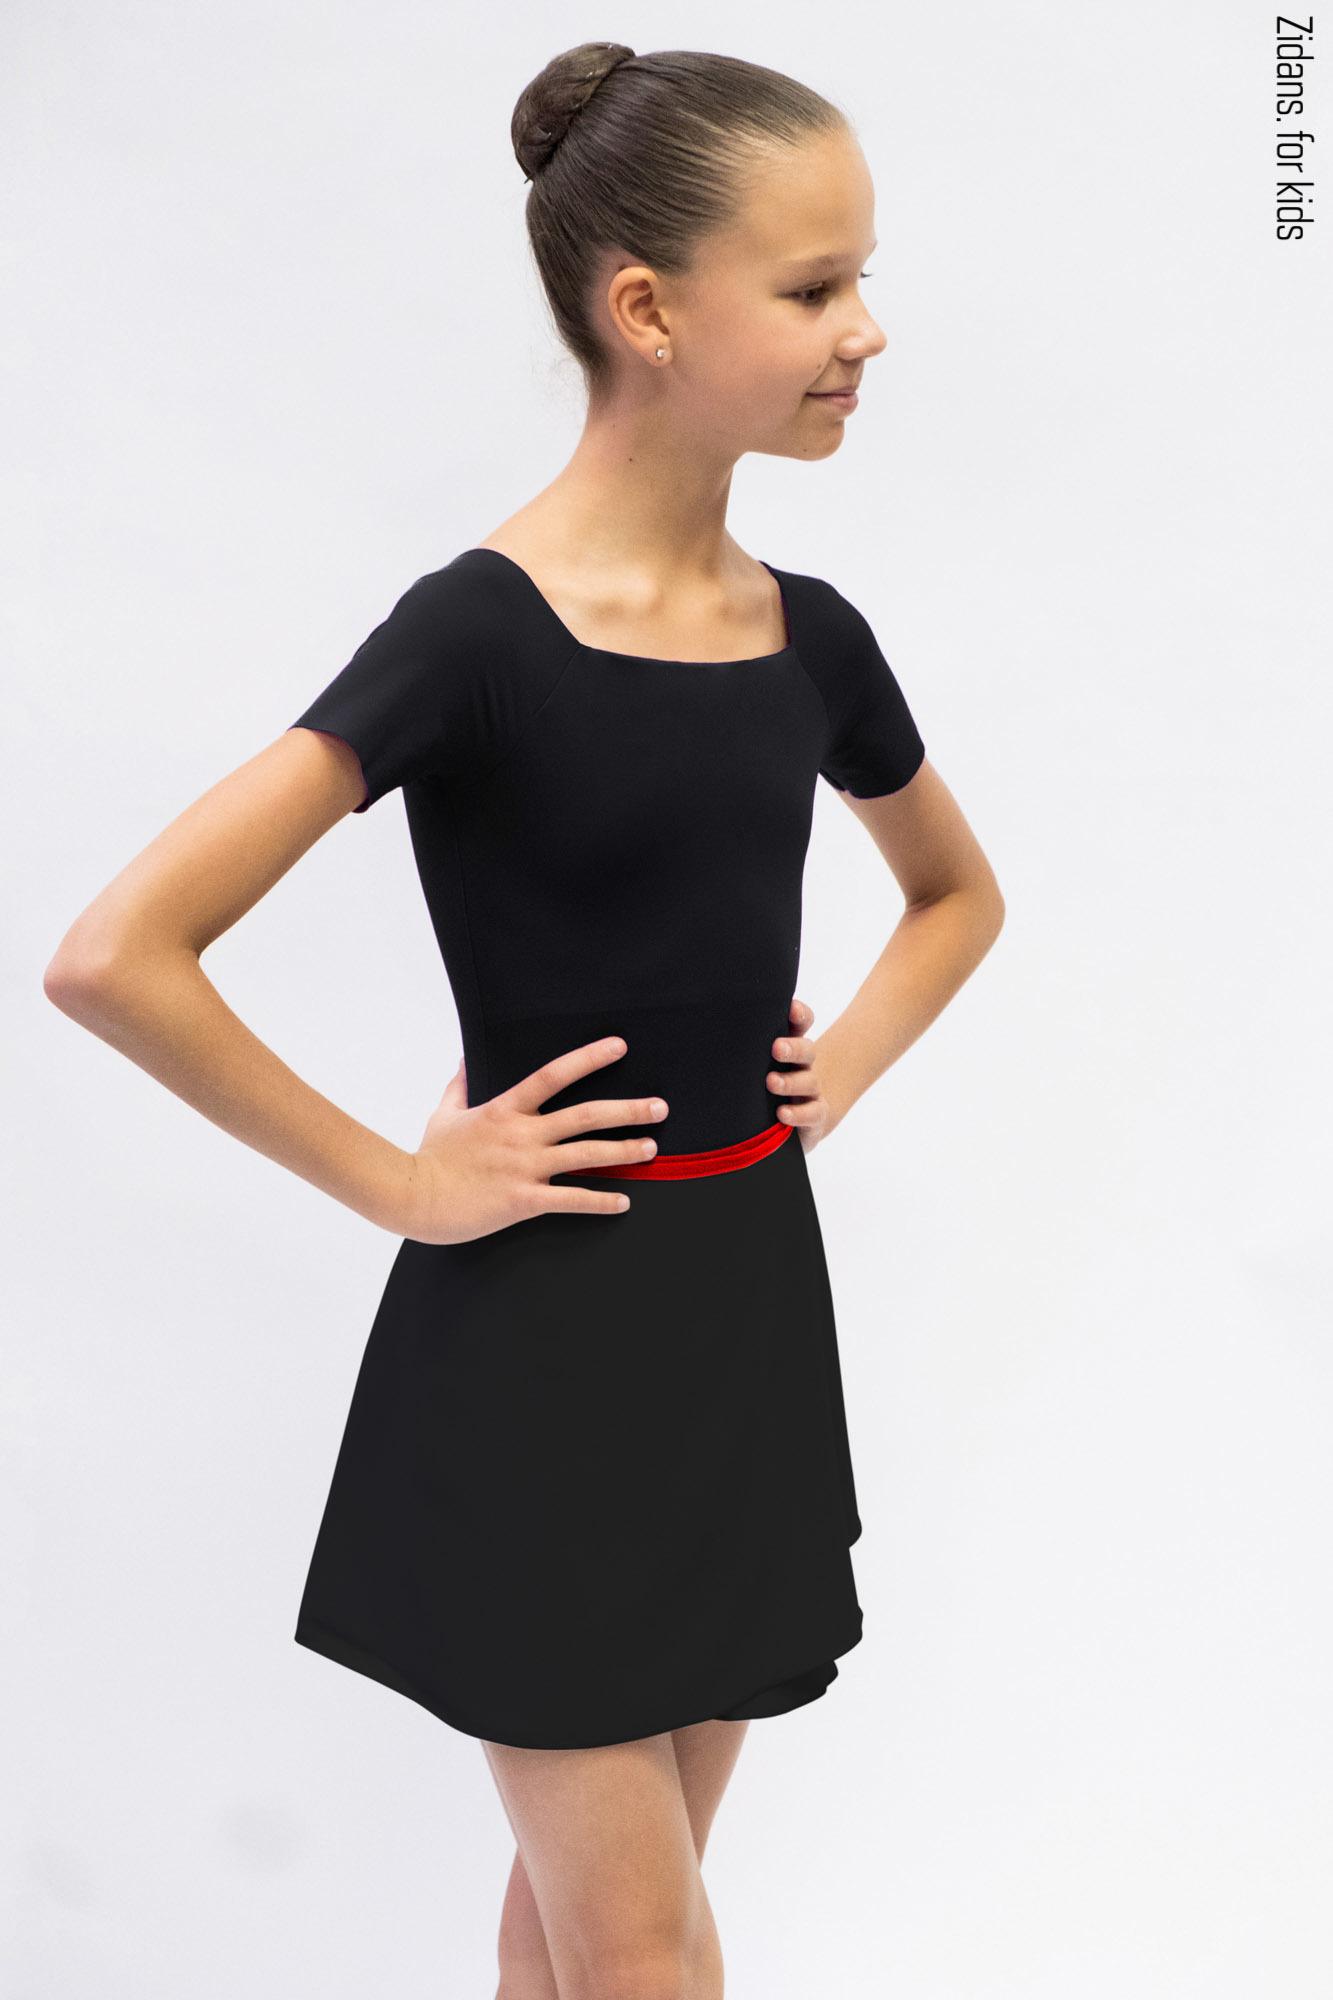 Комплект: купальник Футболка черный + юбка